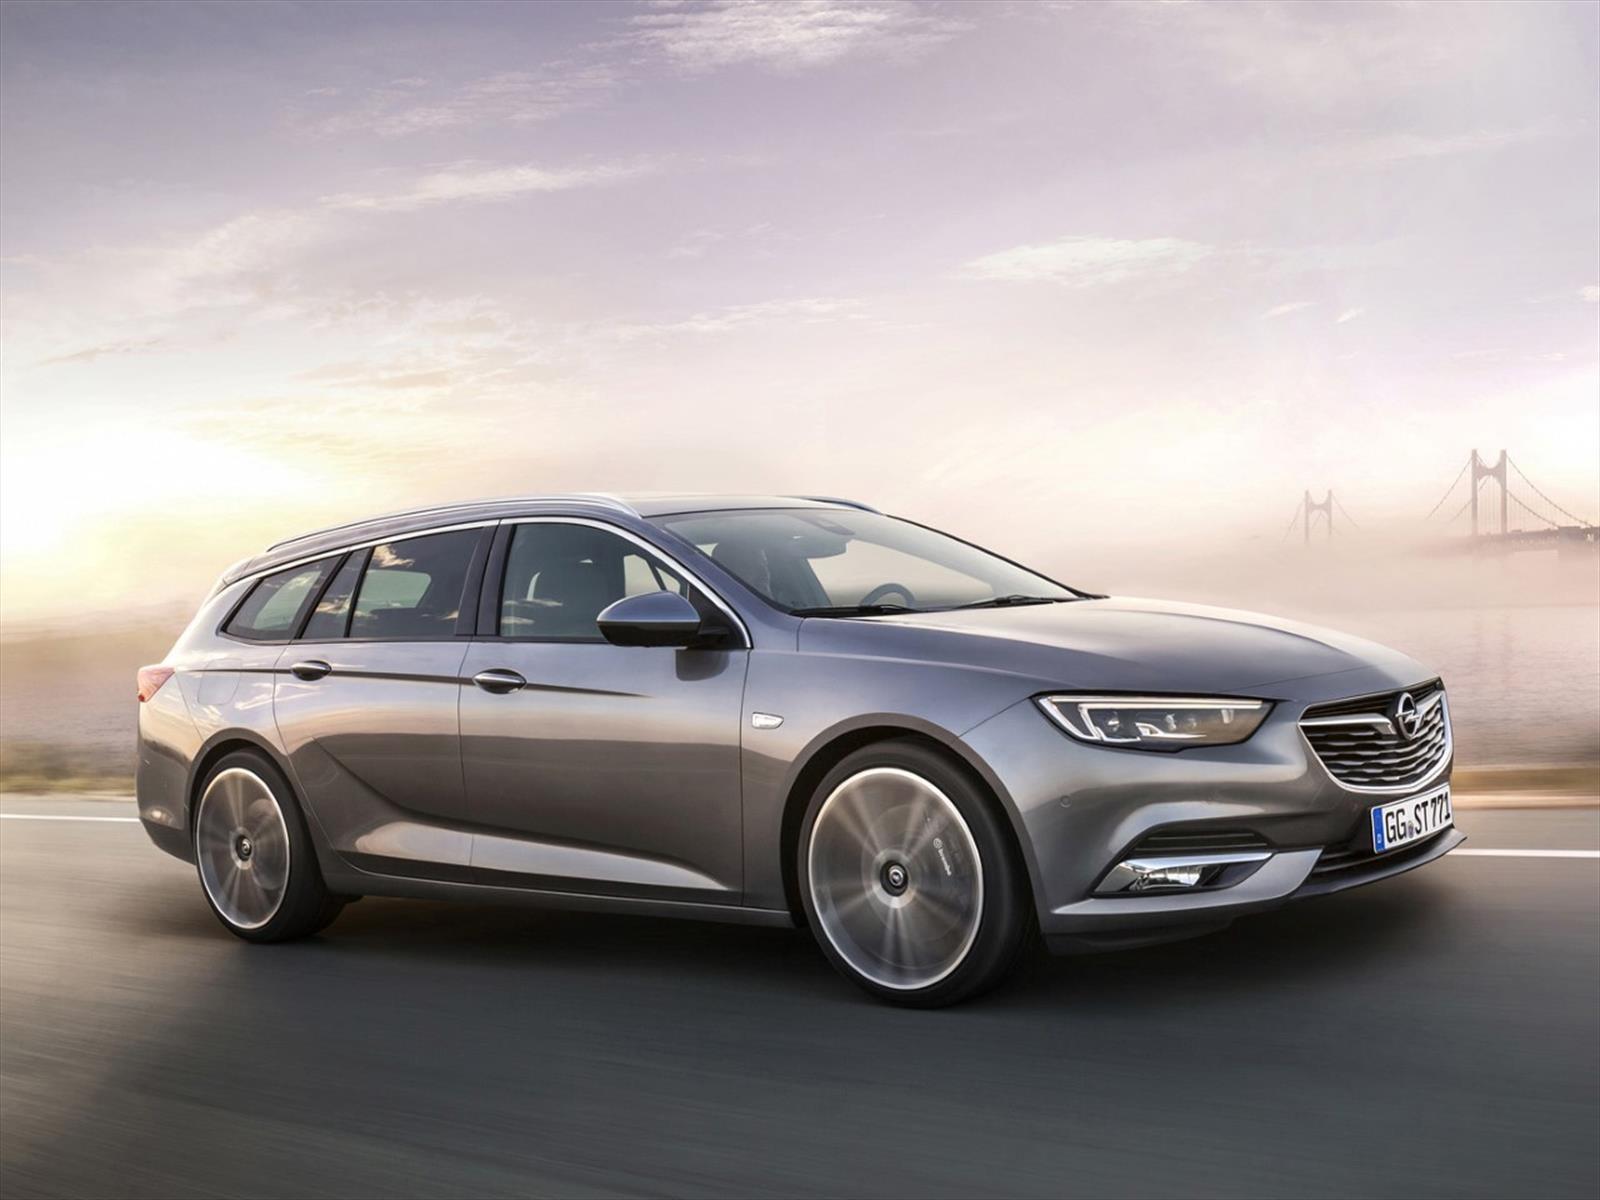 Opel Insignia 2018, el station wagon europeo tiene nueva cara